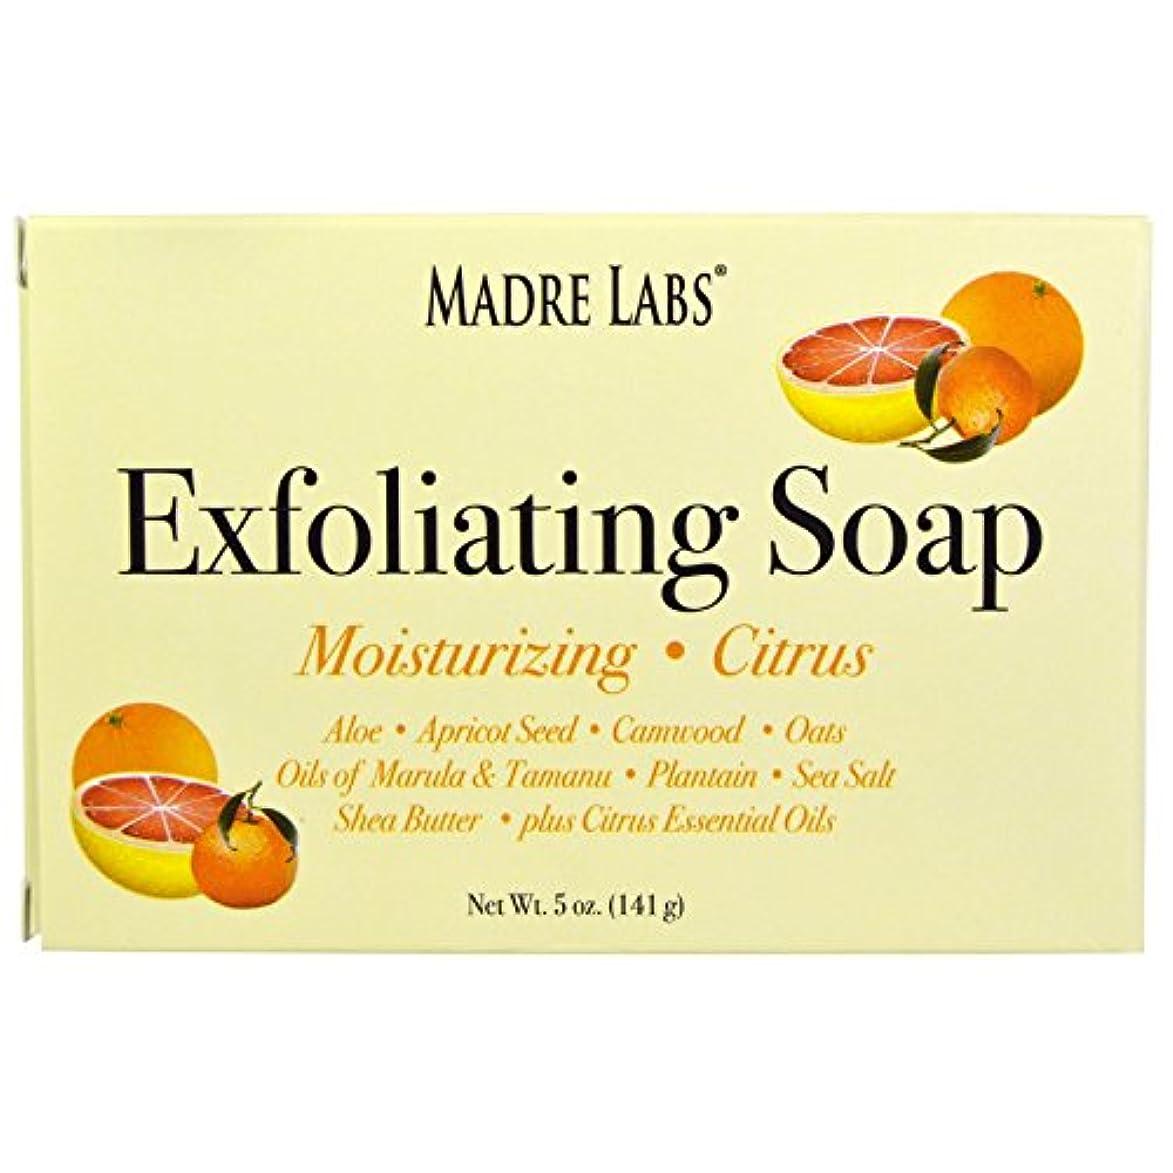 解読する出来事気がついてマドレラブ シアバター入り石鹸 柑橘フレーバー Madre Labs Exfoliating Soap Bar with Marula & Tamanu Oils plus Shea Butter